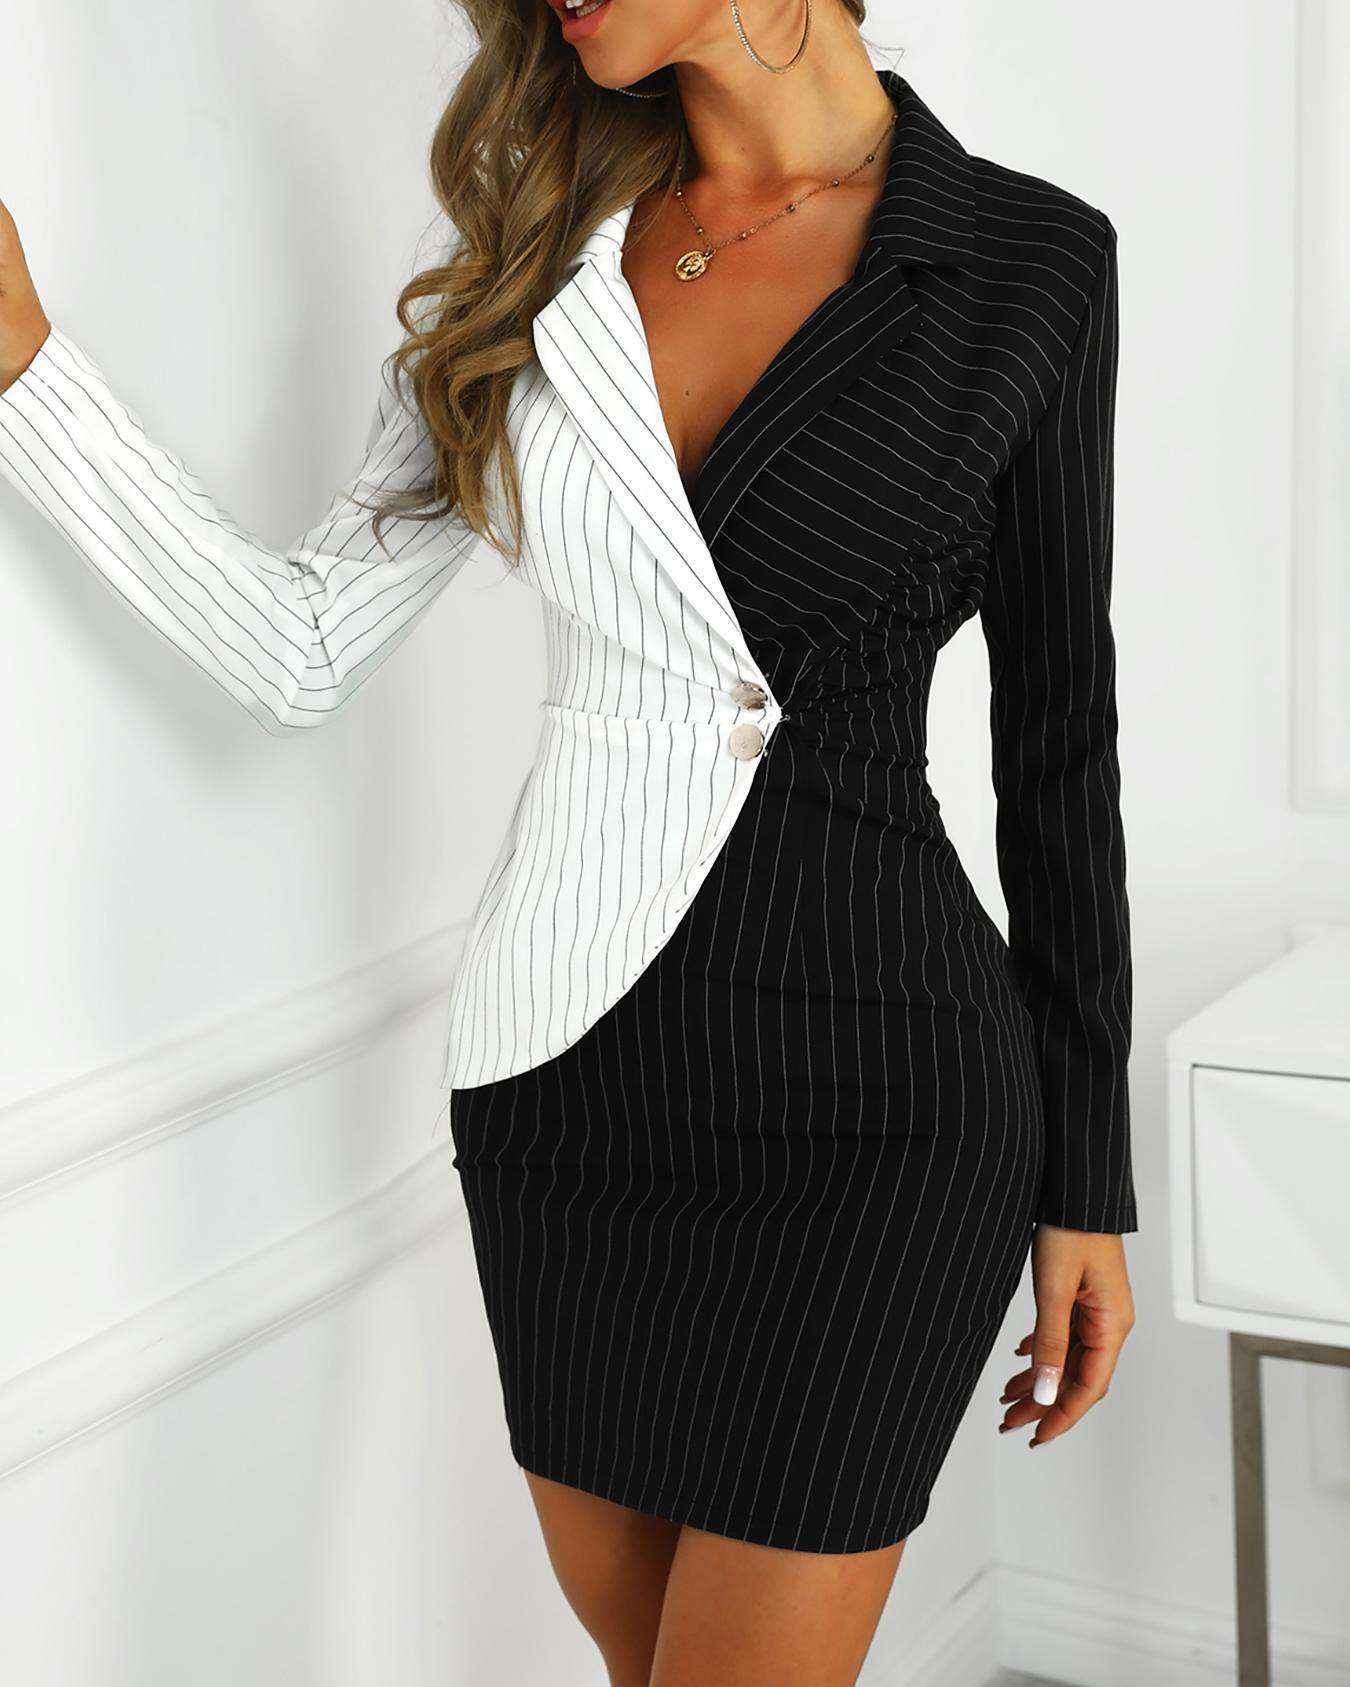 boutiquefeel / Vestido de Blazer com Inserção de Cor e Contraste